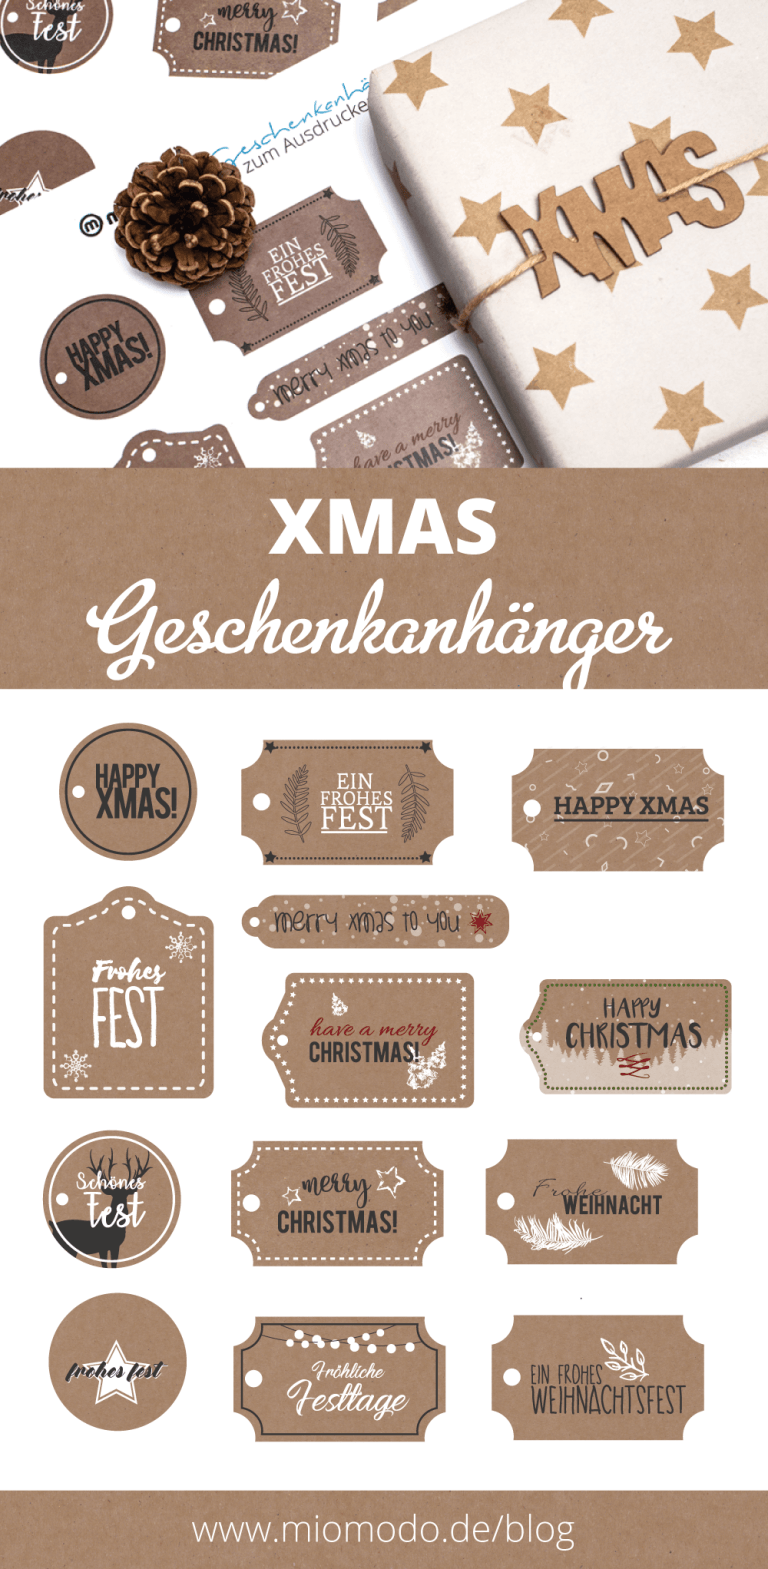 Geschenkanhänger basteln für Weihnachten | miomodo DIY Blog#basteln #blog #diy #für #geschenkanhanger #miomodo #weihnachten